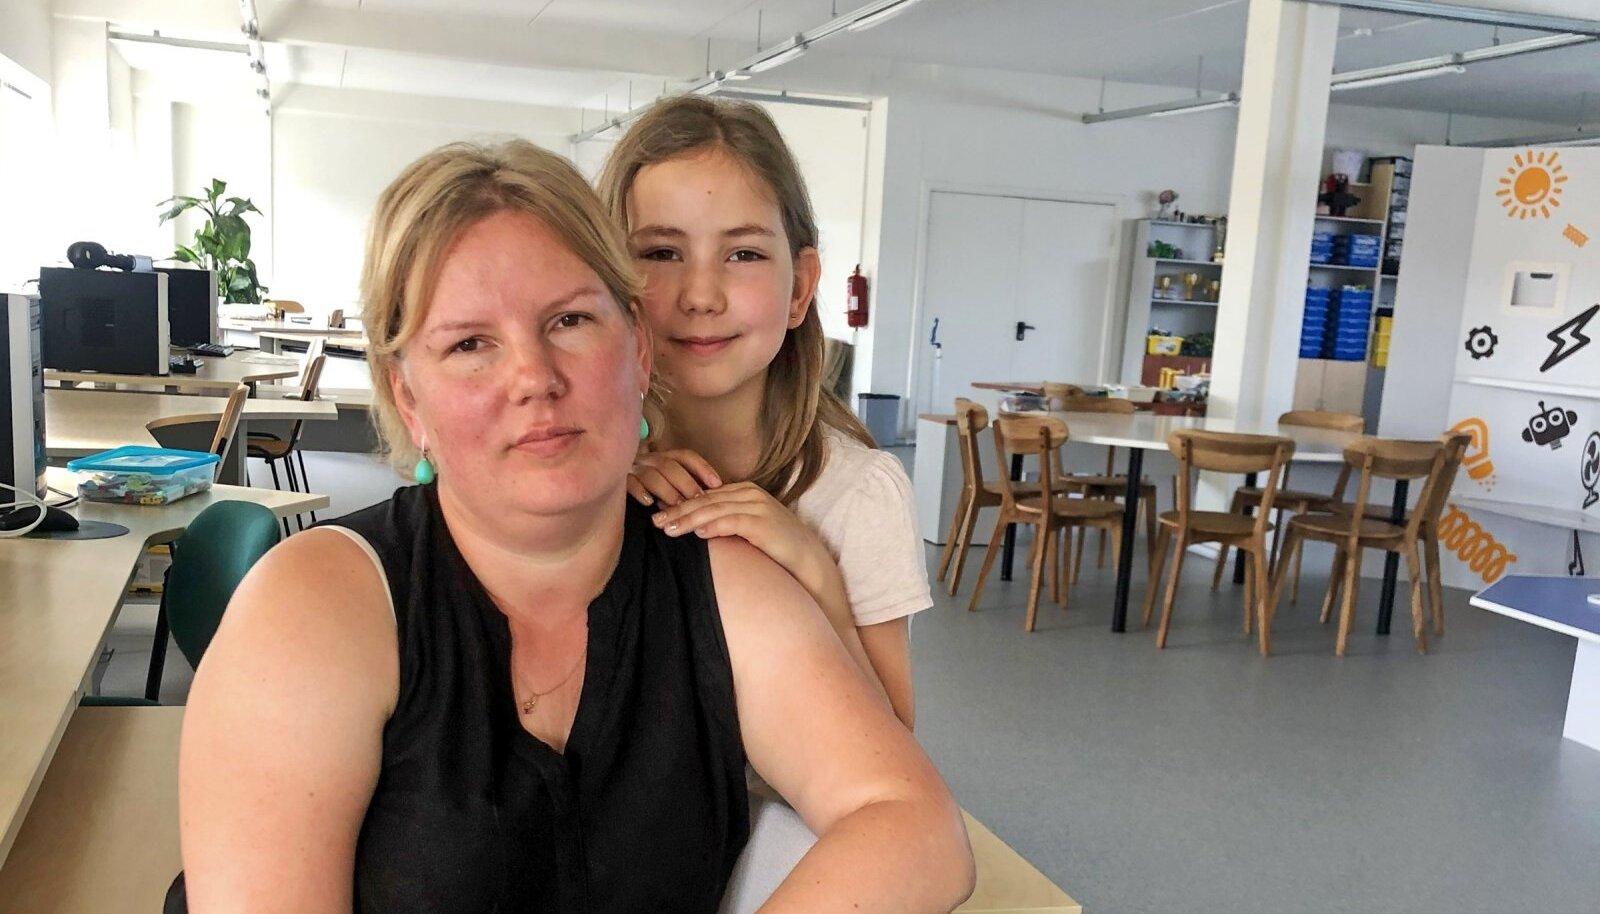 MURES JA VÄSIMUSES: Annika koos tütre Mirjamiga, kelle veresuhkrutaset peab kogu aeg jälgima.